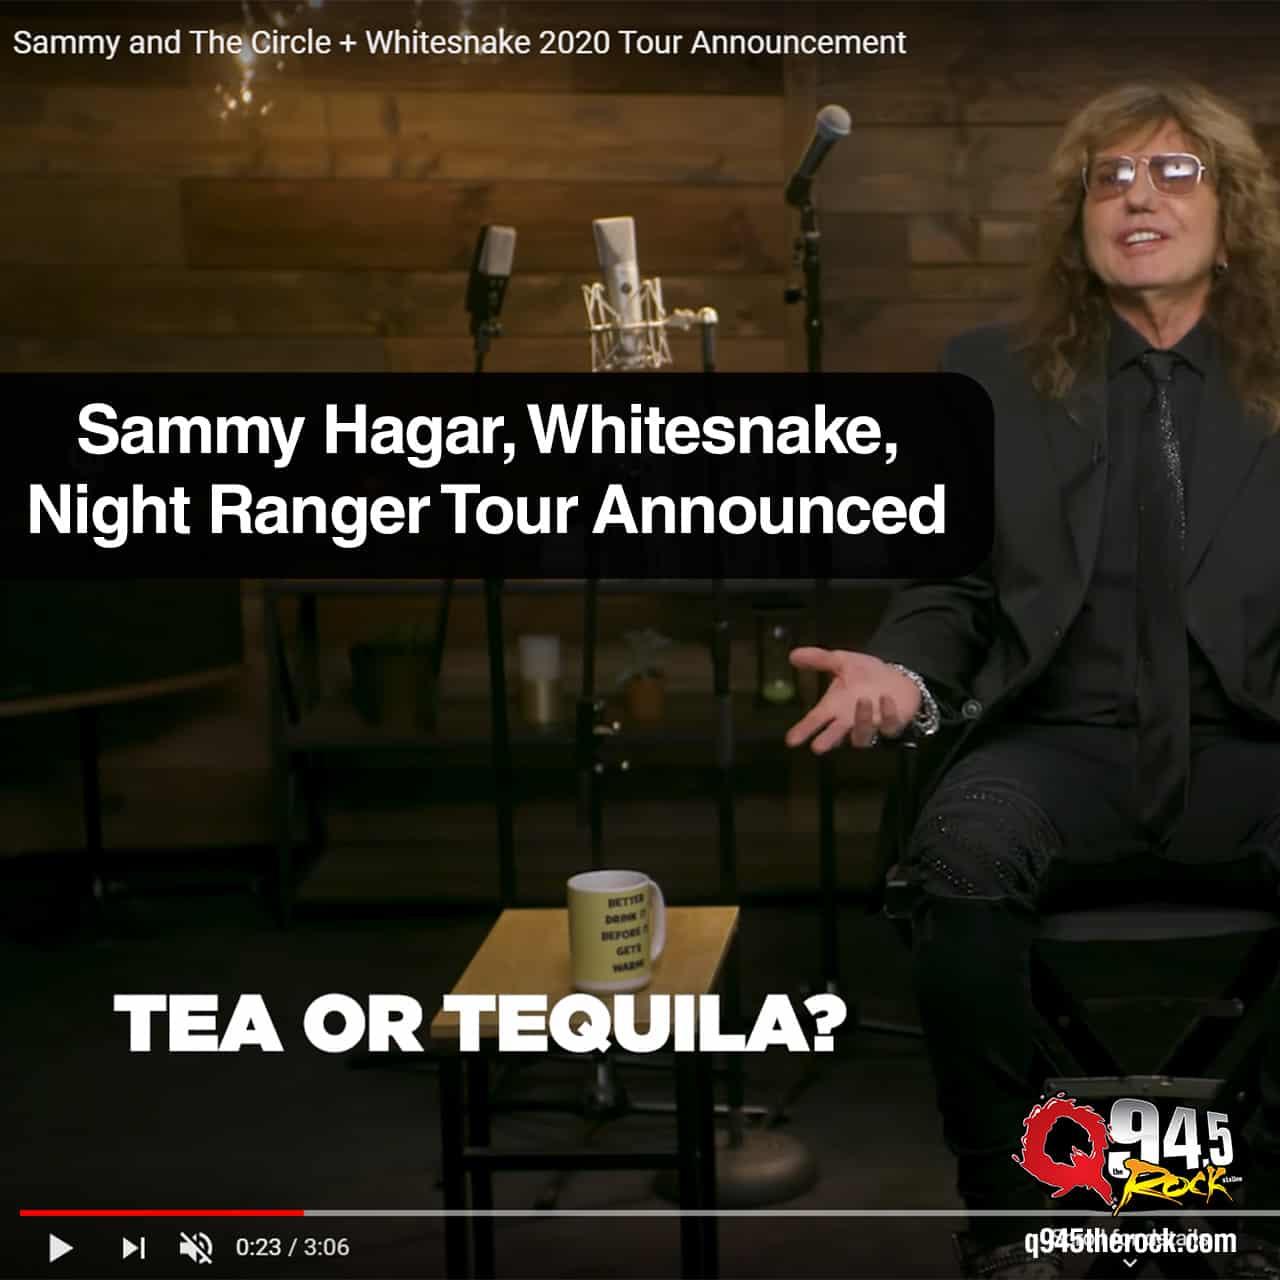 Sammy Hagar, Whitesnake, Night Ranger Tour Announced